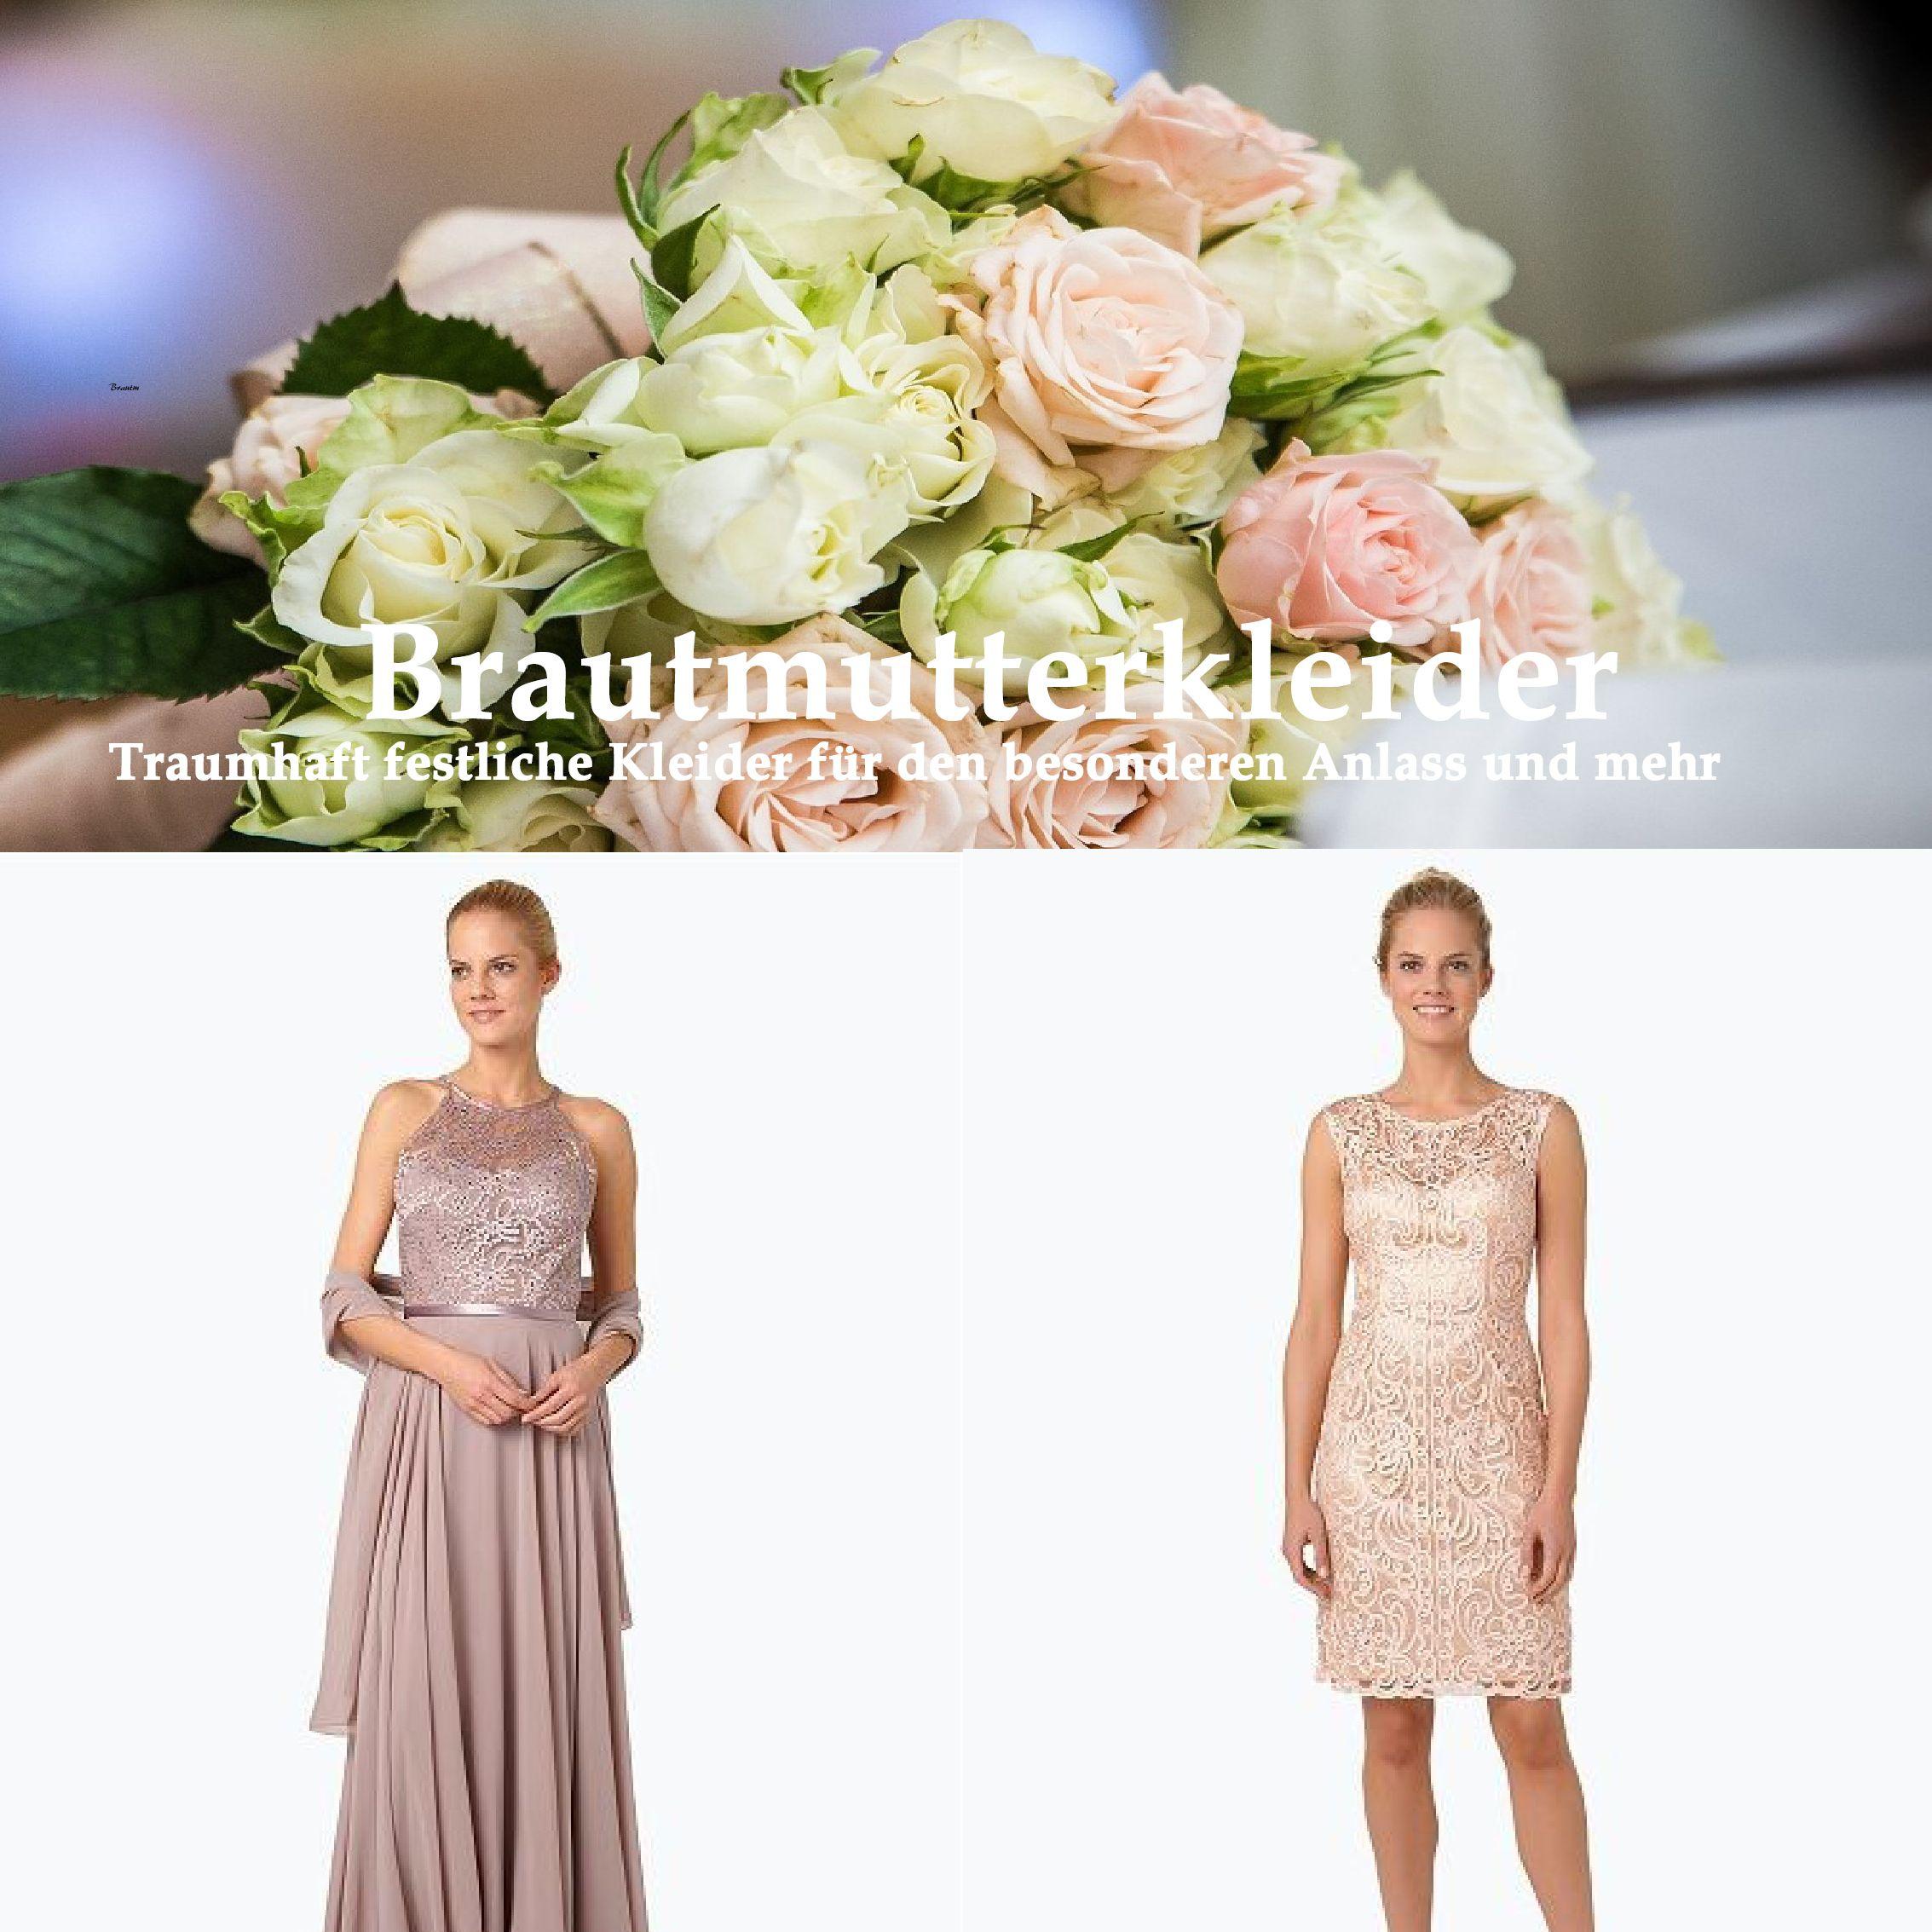 Wunderbar Schmeichelnd Brautjunferkleider Für Alle Größen ...